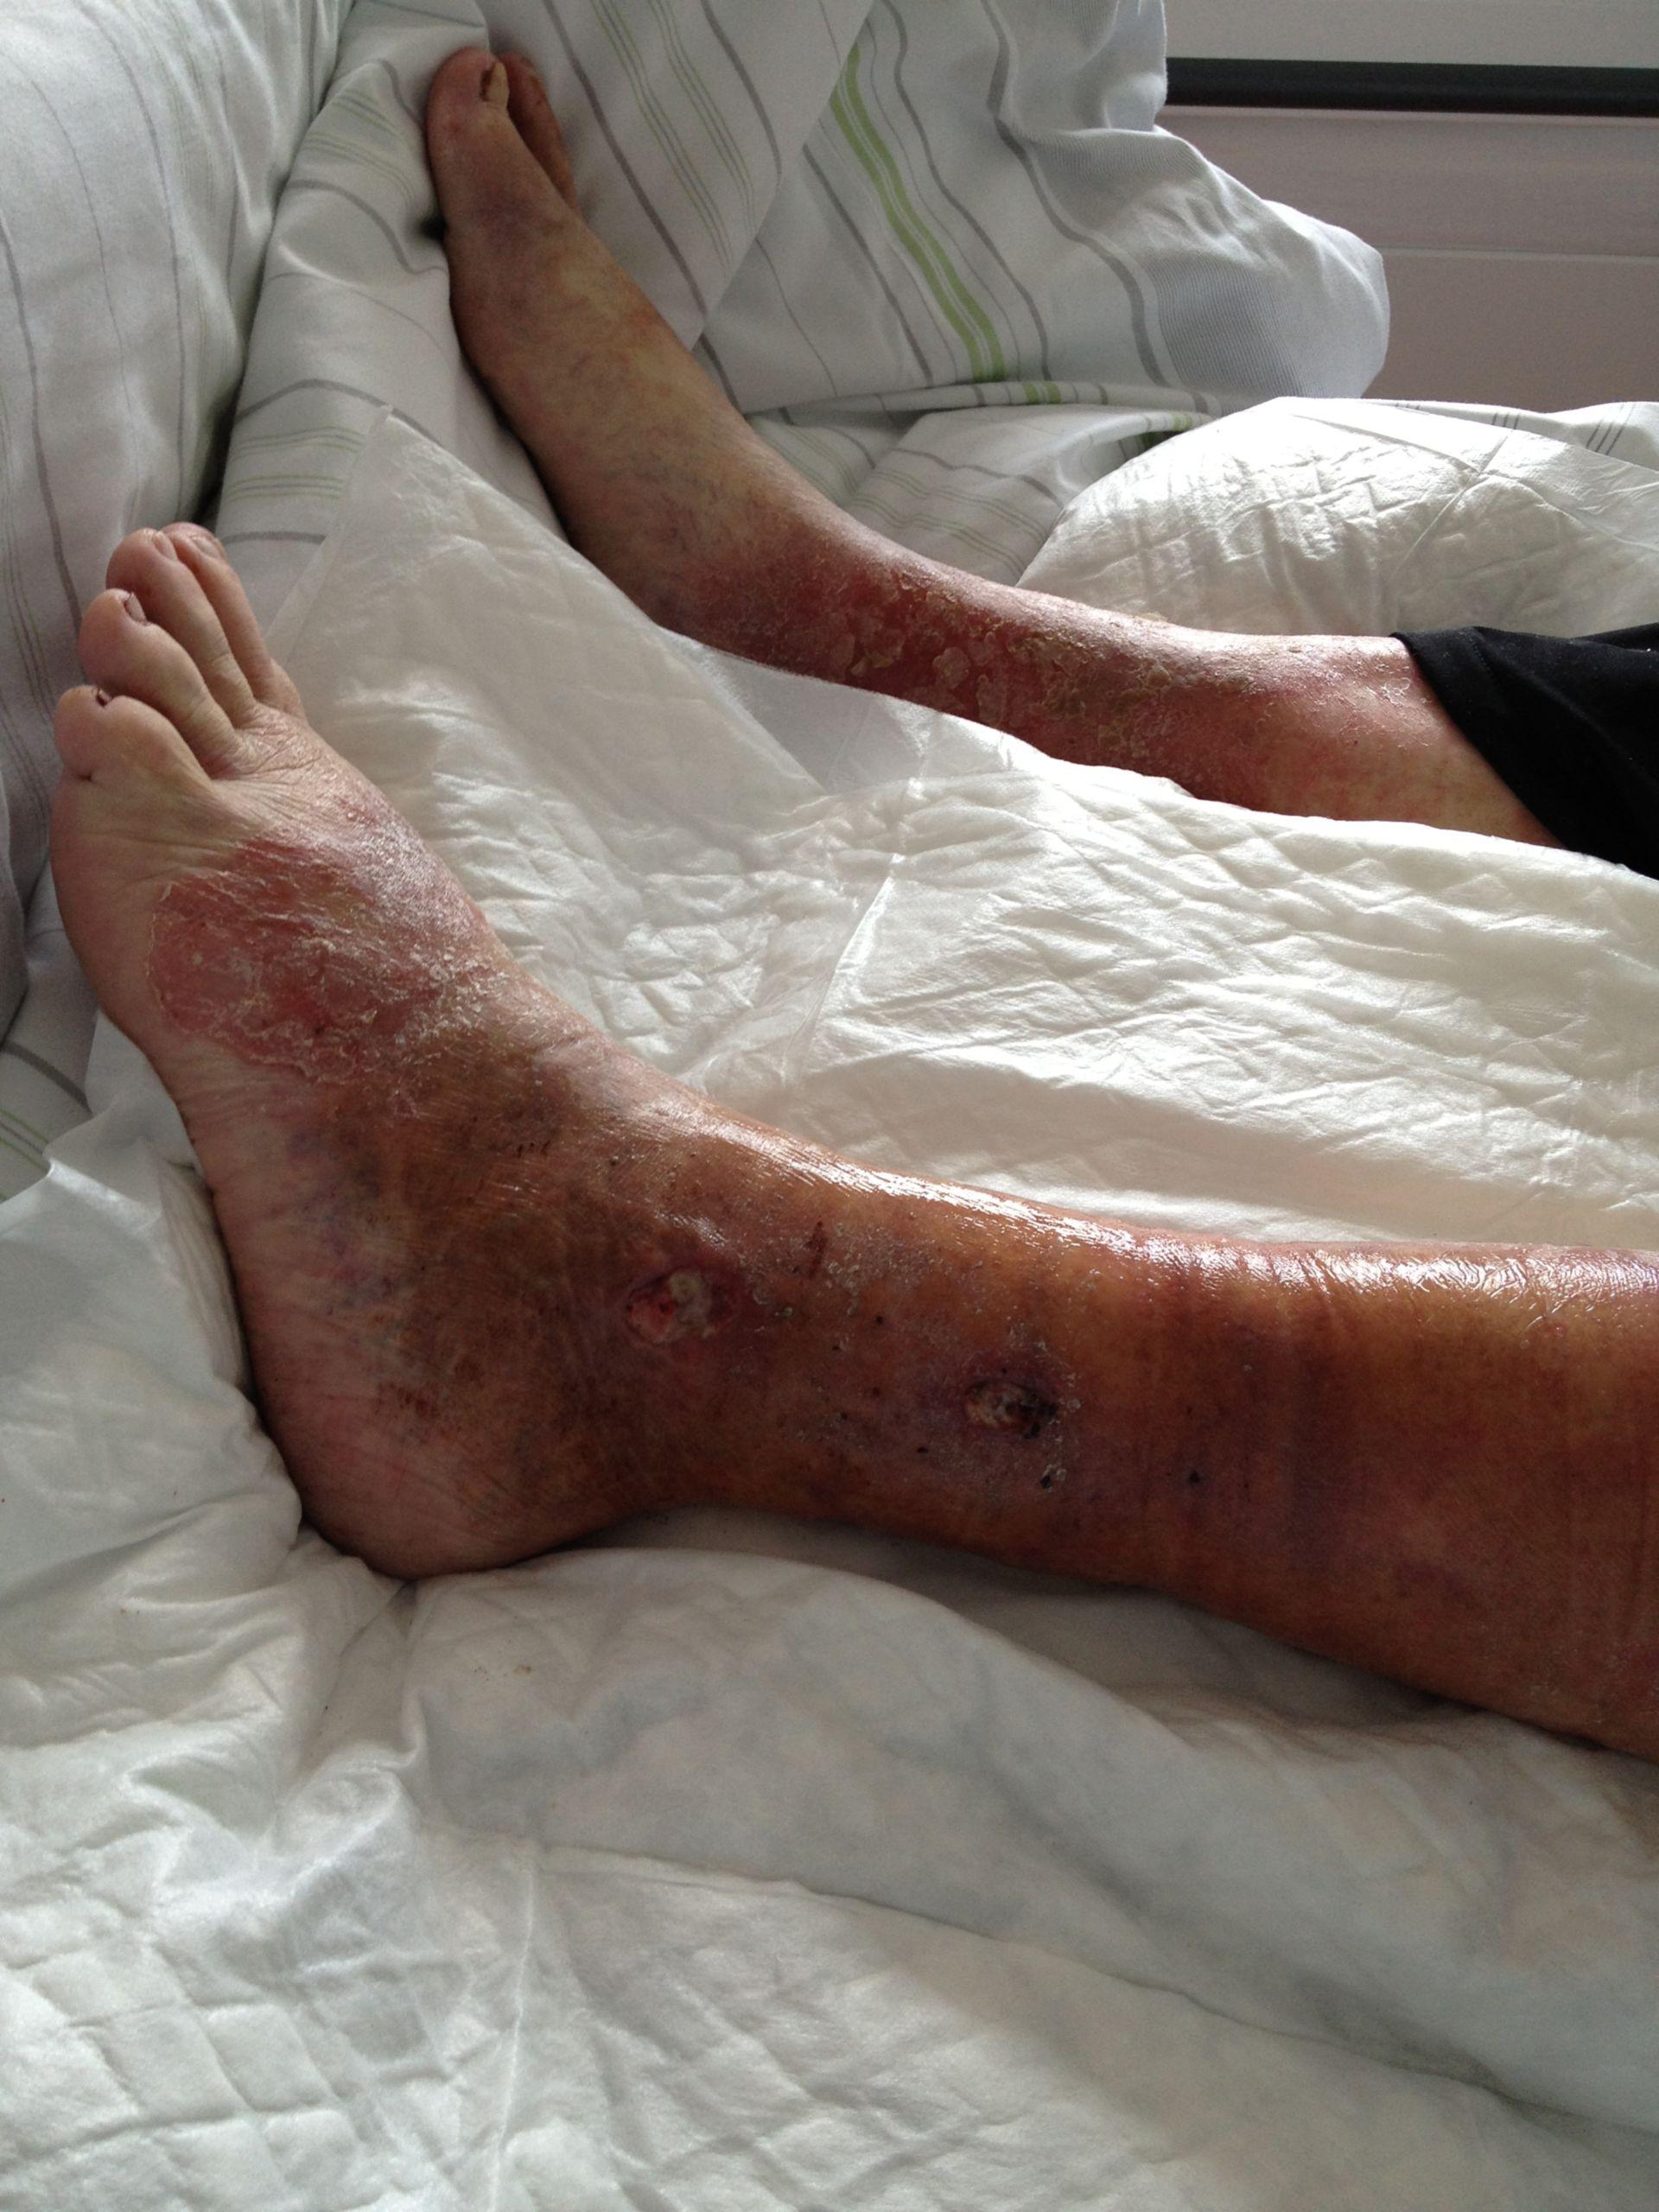 Emorragia delle vene varicose ed ischemia